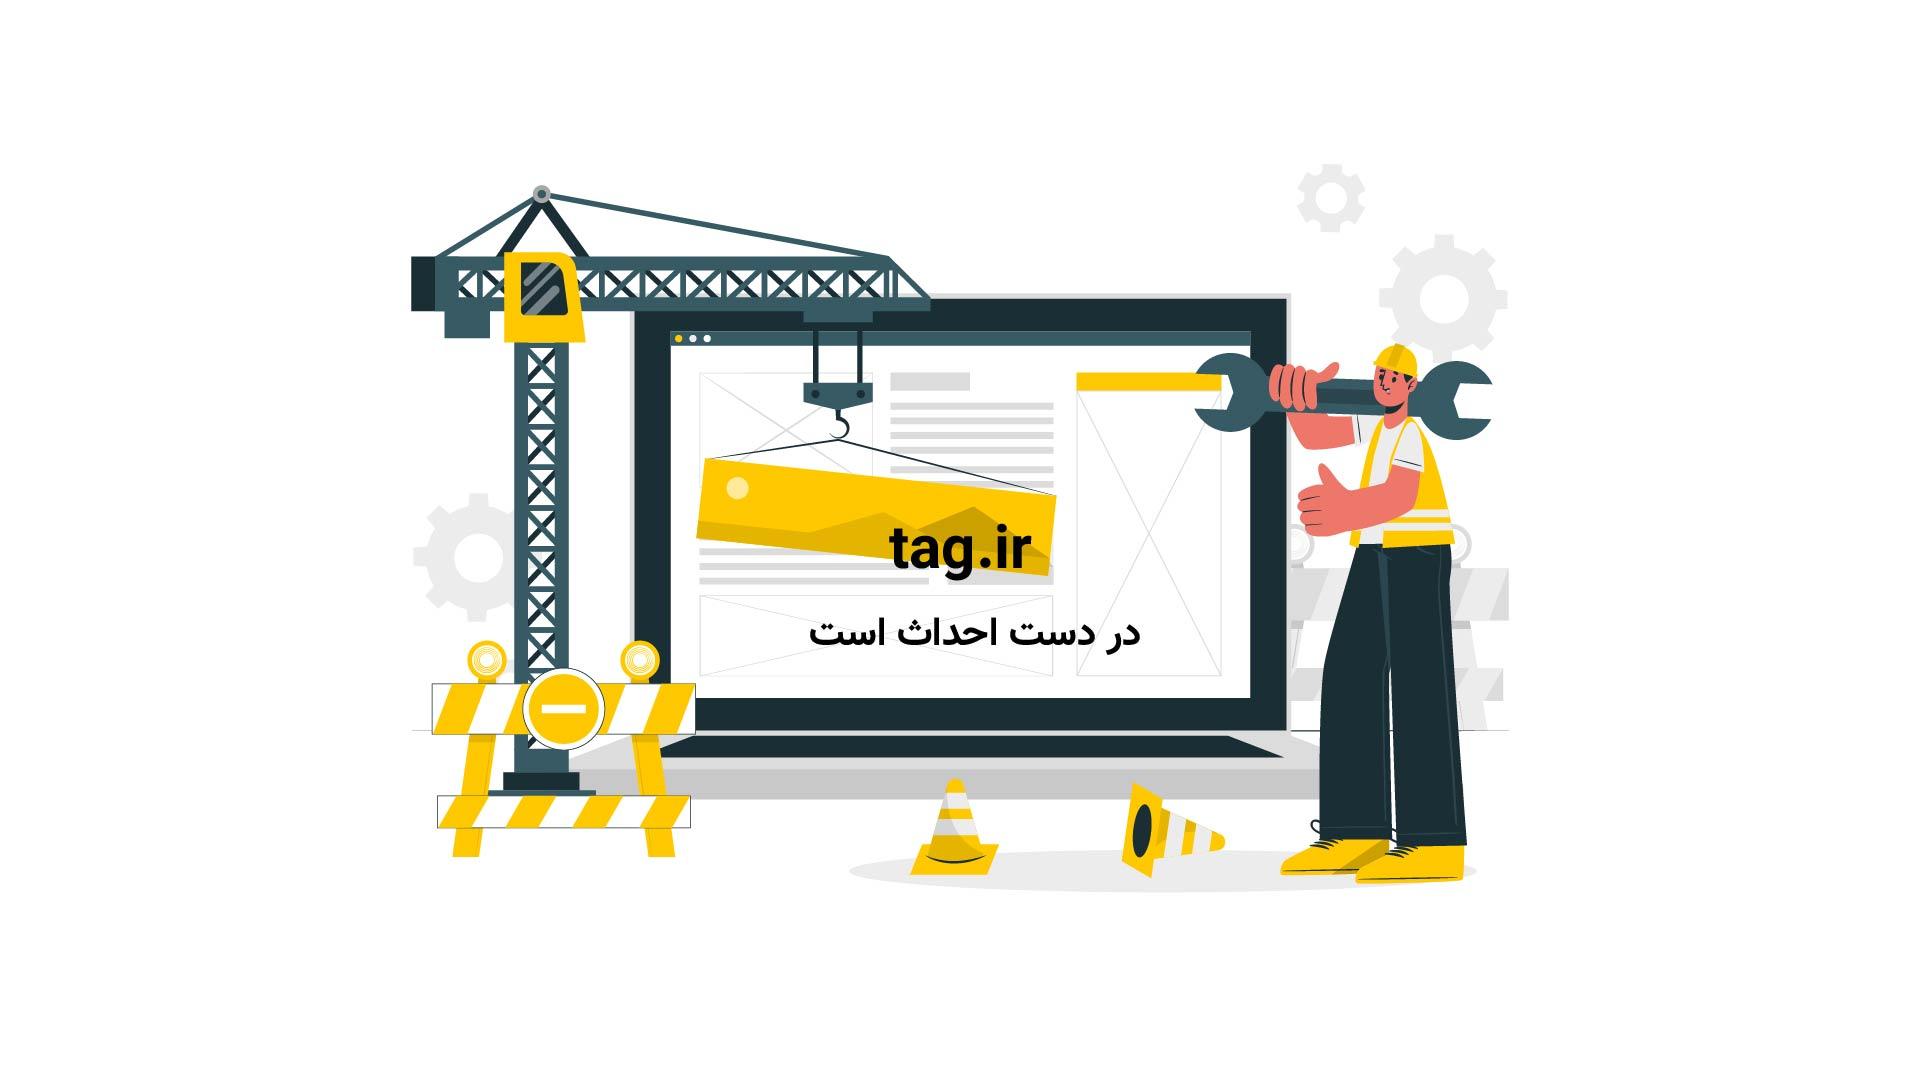 روشهای مبارزه با آنفلوآنزا که تا به حال نمیدانستید | فیلم